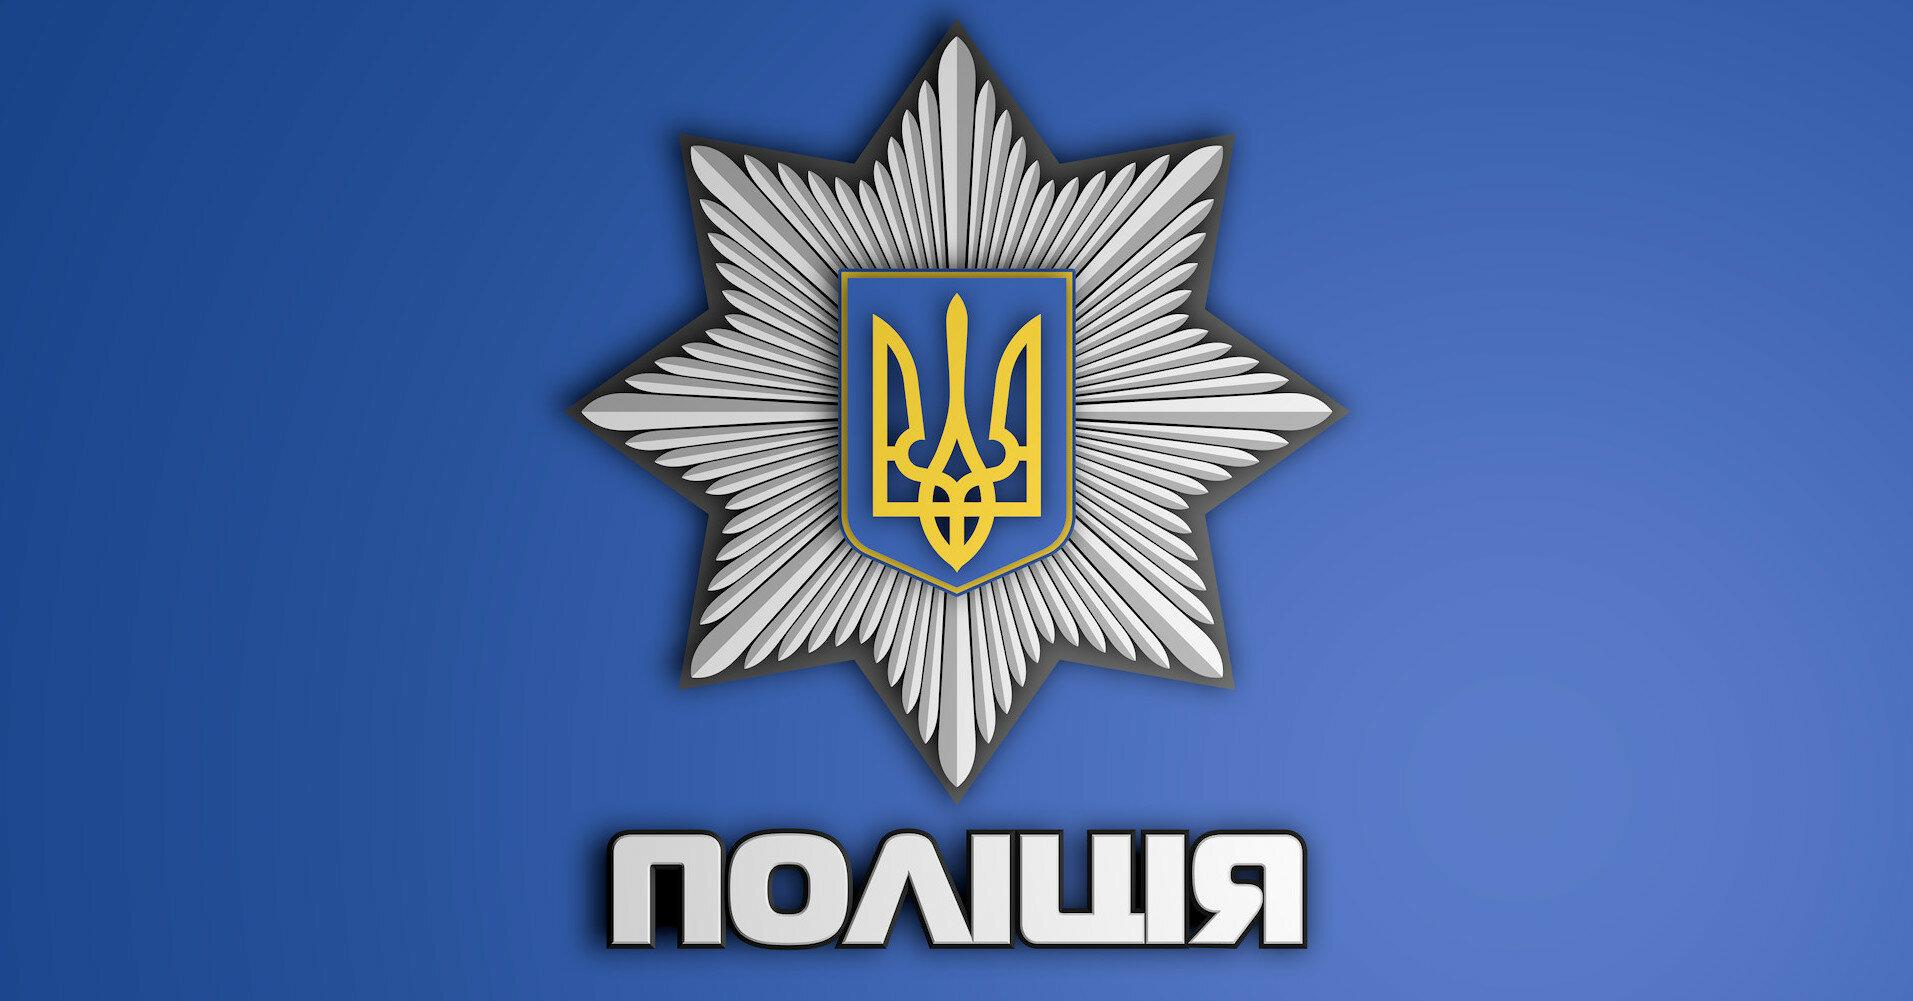 Во Львове создадут Центр быстрого реагирования полиции